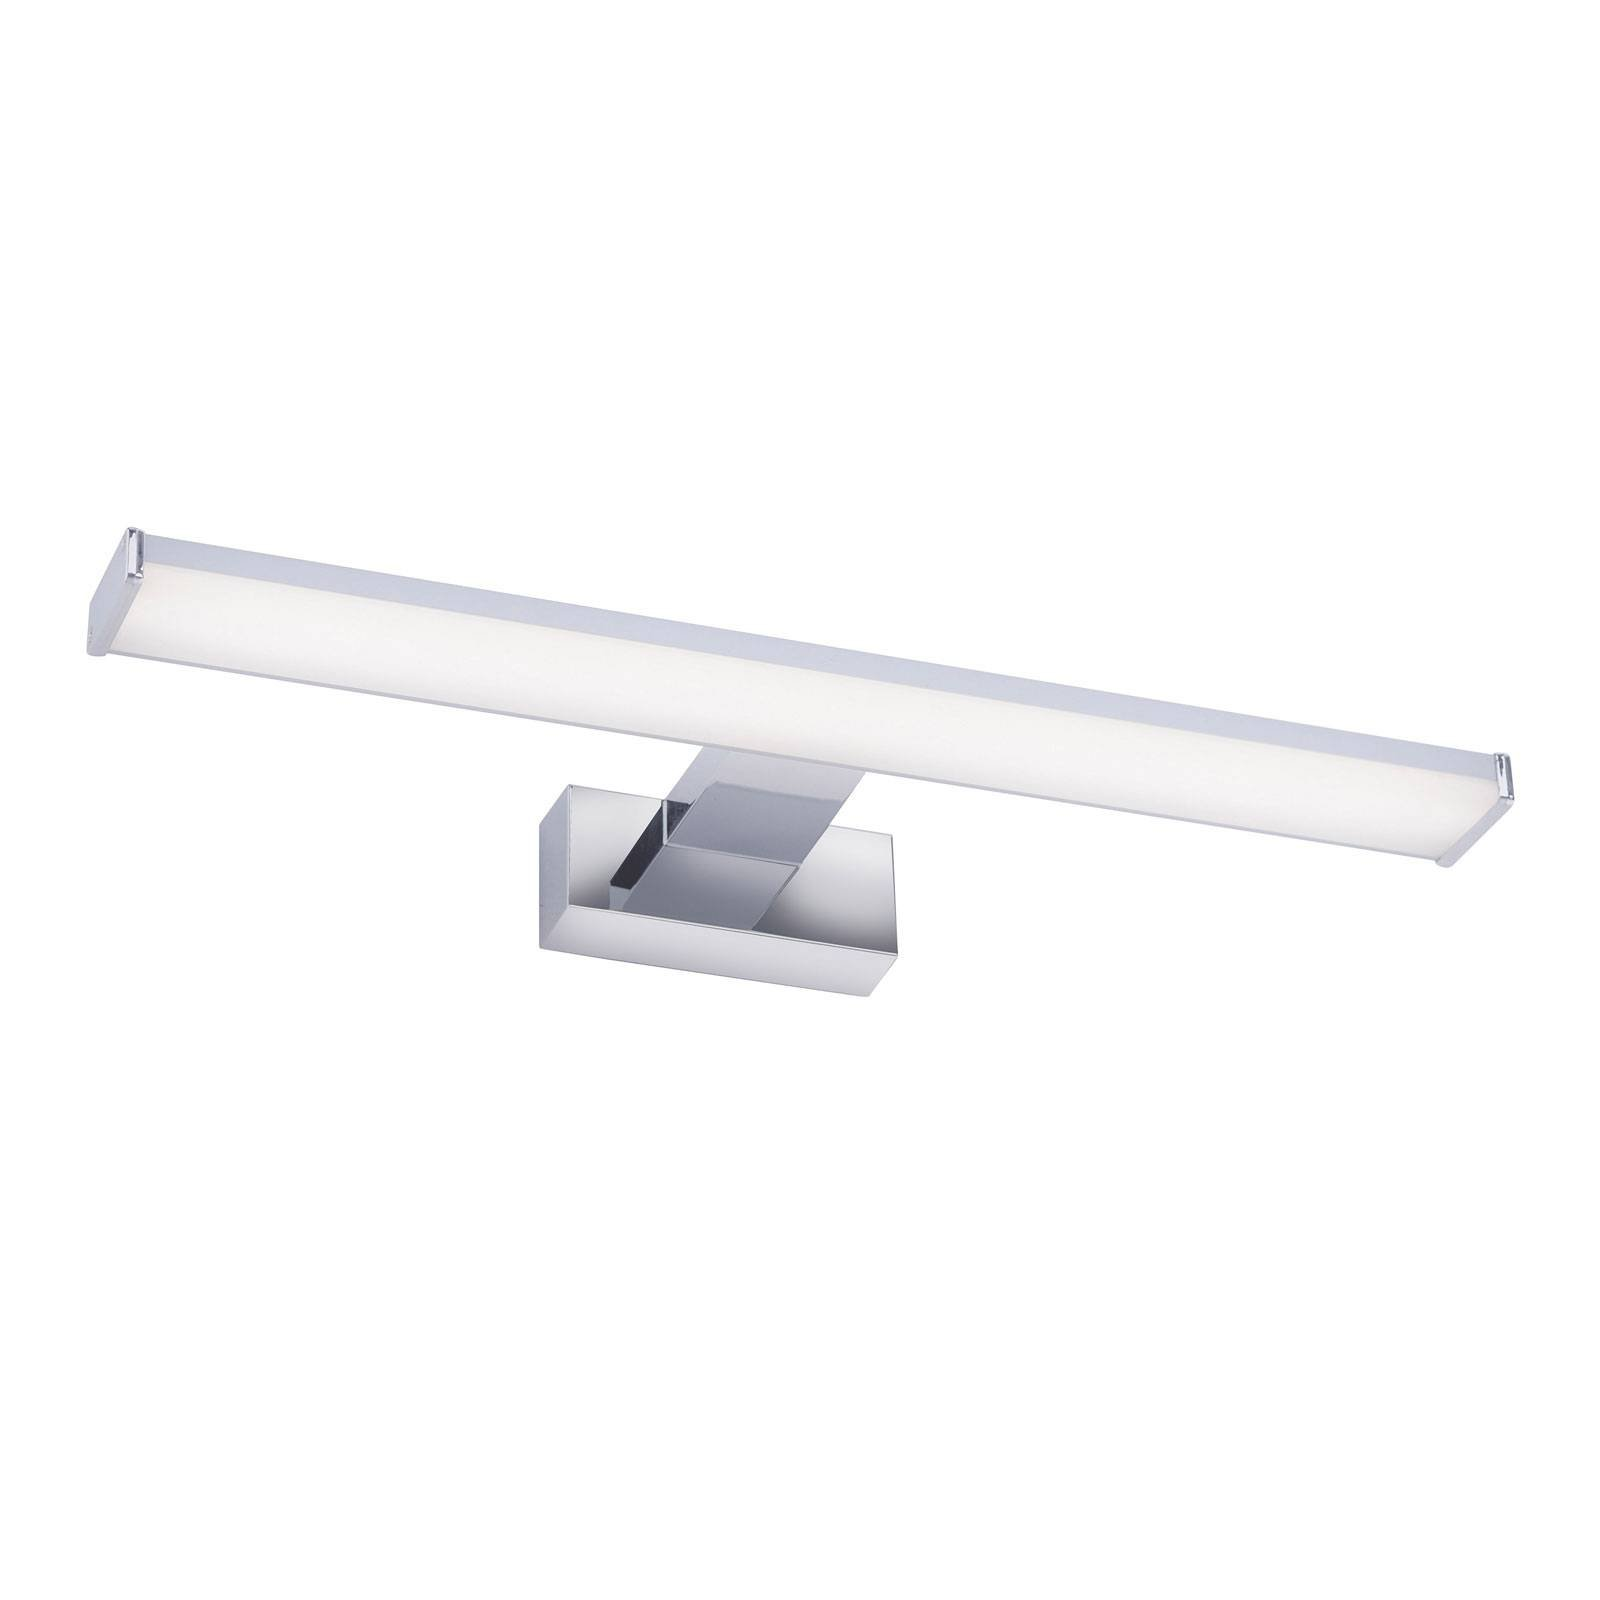 Mattis LED-speillampe, 40 cm